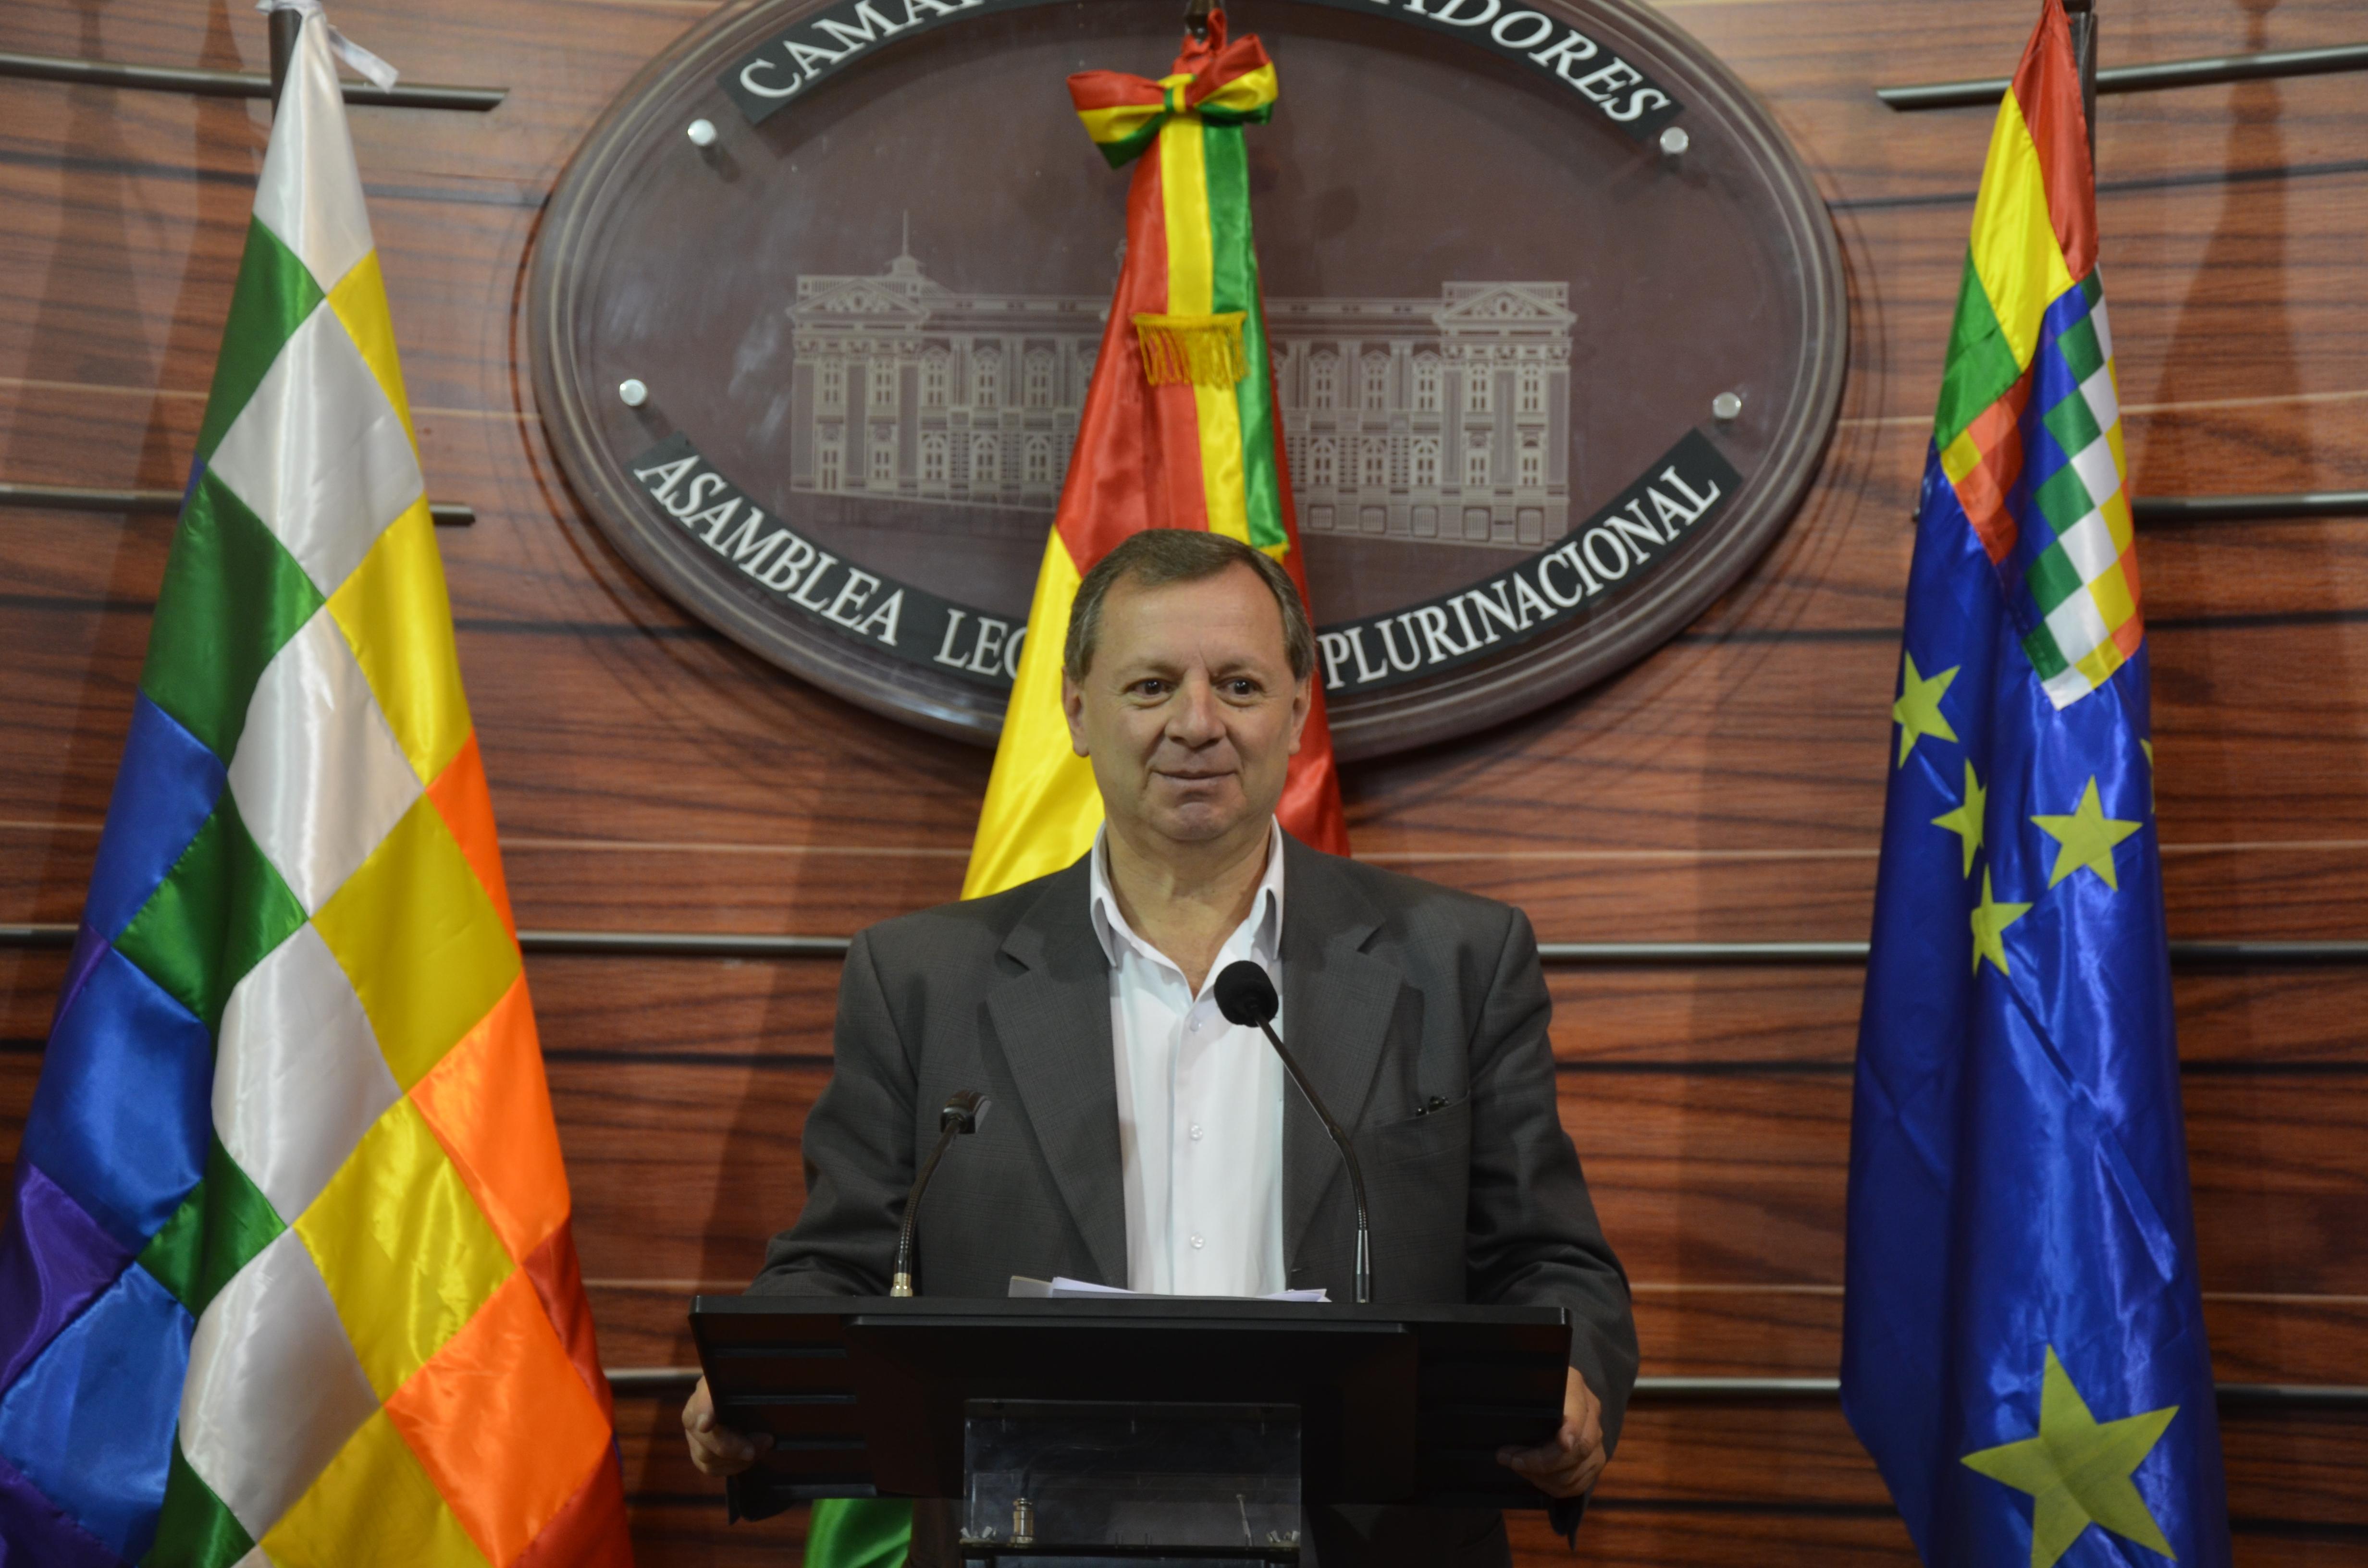 Comitiva boliviana confirma visita a puertos chilenos de Arica y Antofagasta